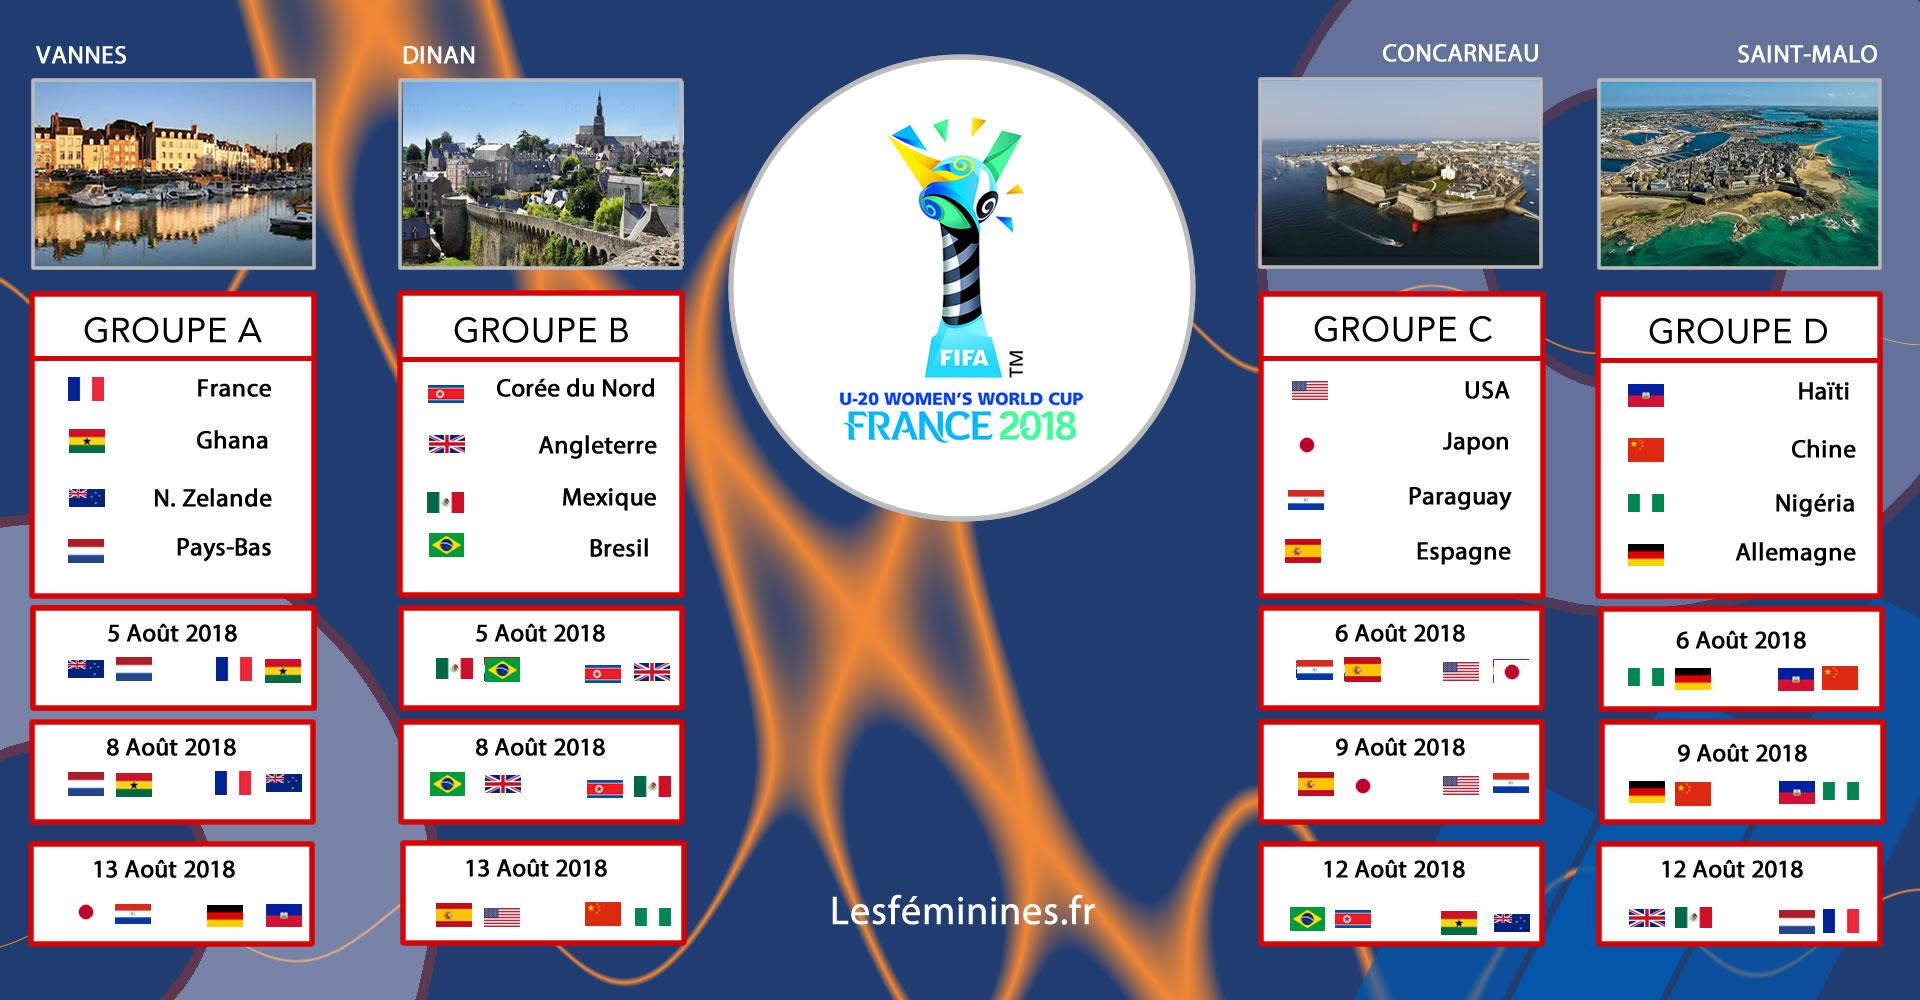 Calendrier et premiers tours du Mondial U20, par groupe, ville et date.Crédit lesfeminines.fr